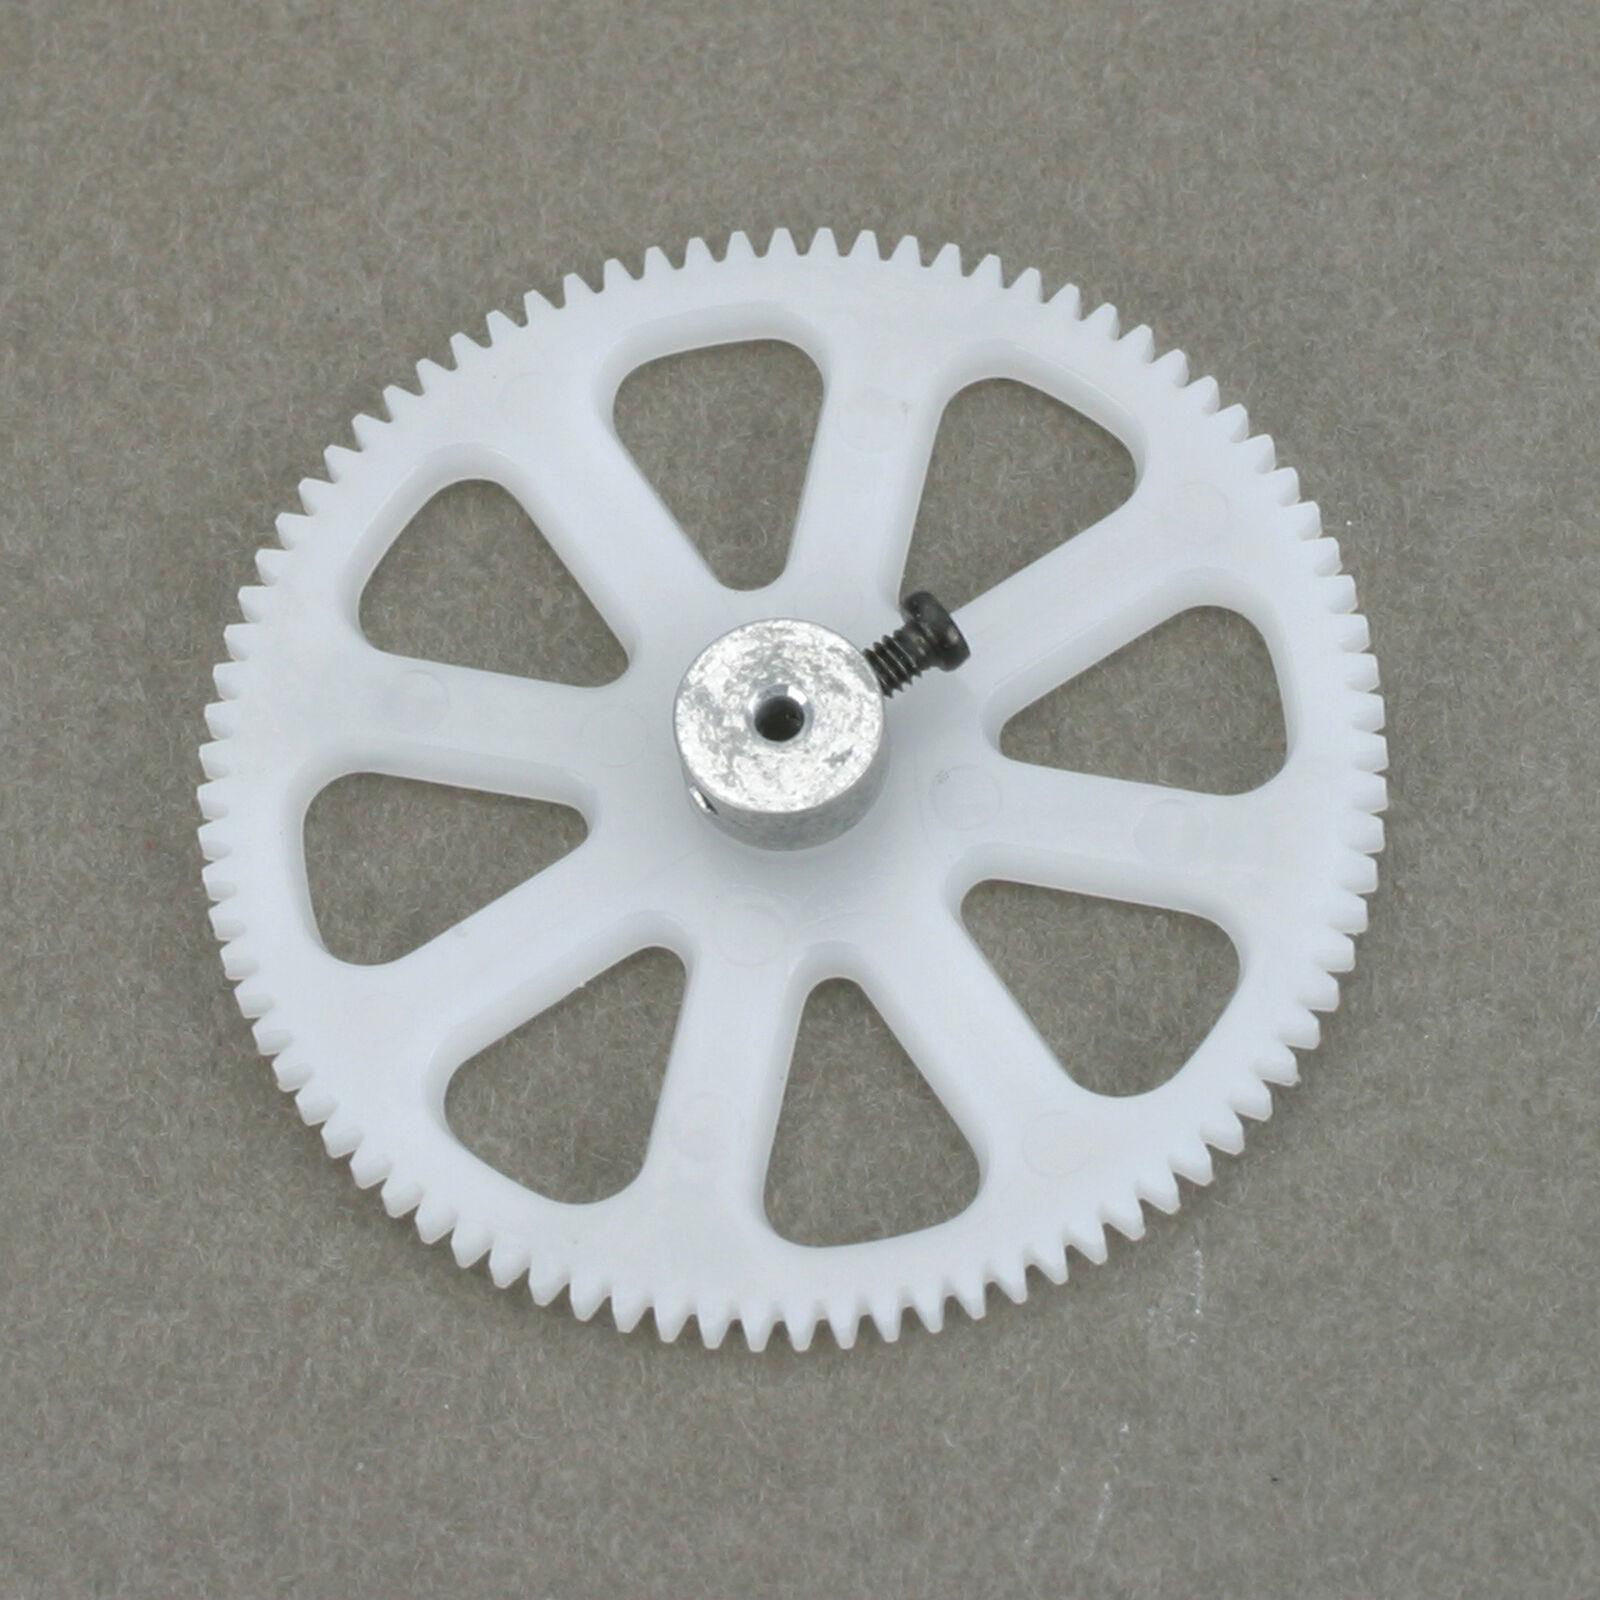 Inner Shaft Main Gear: BMCX/2/T,FHX,MH-35